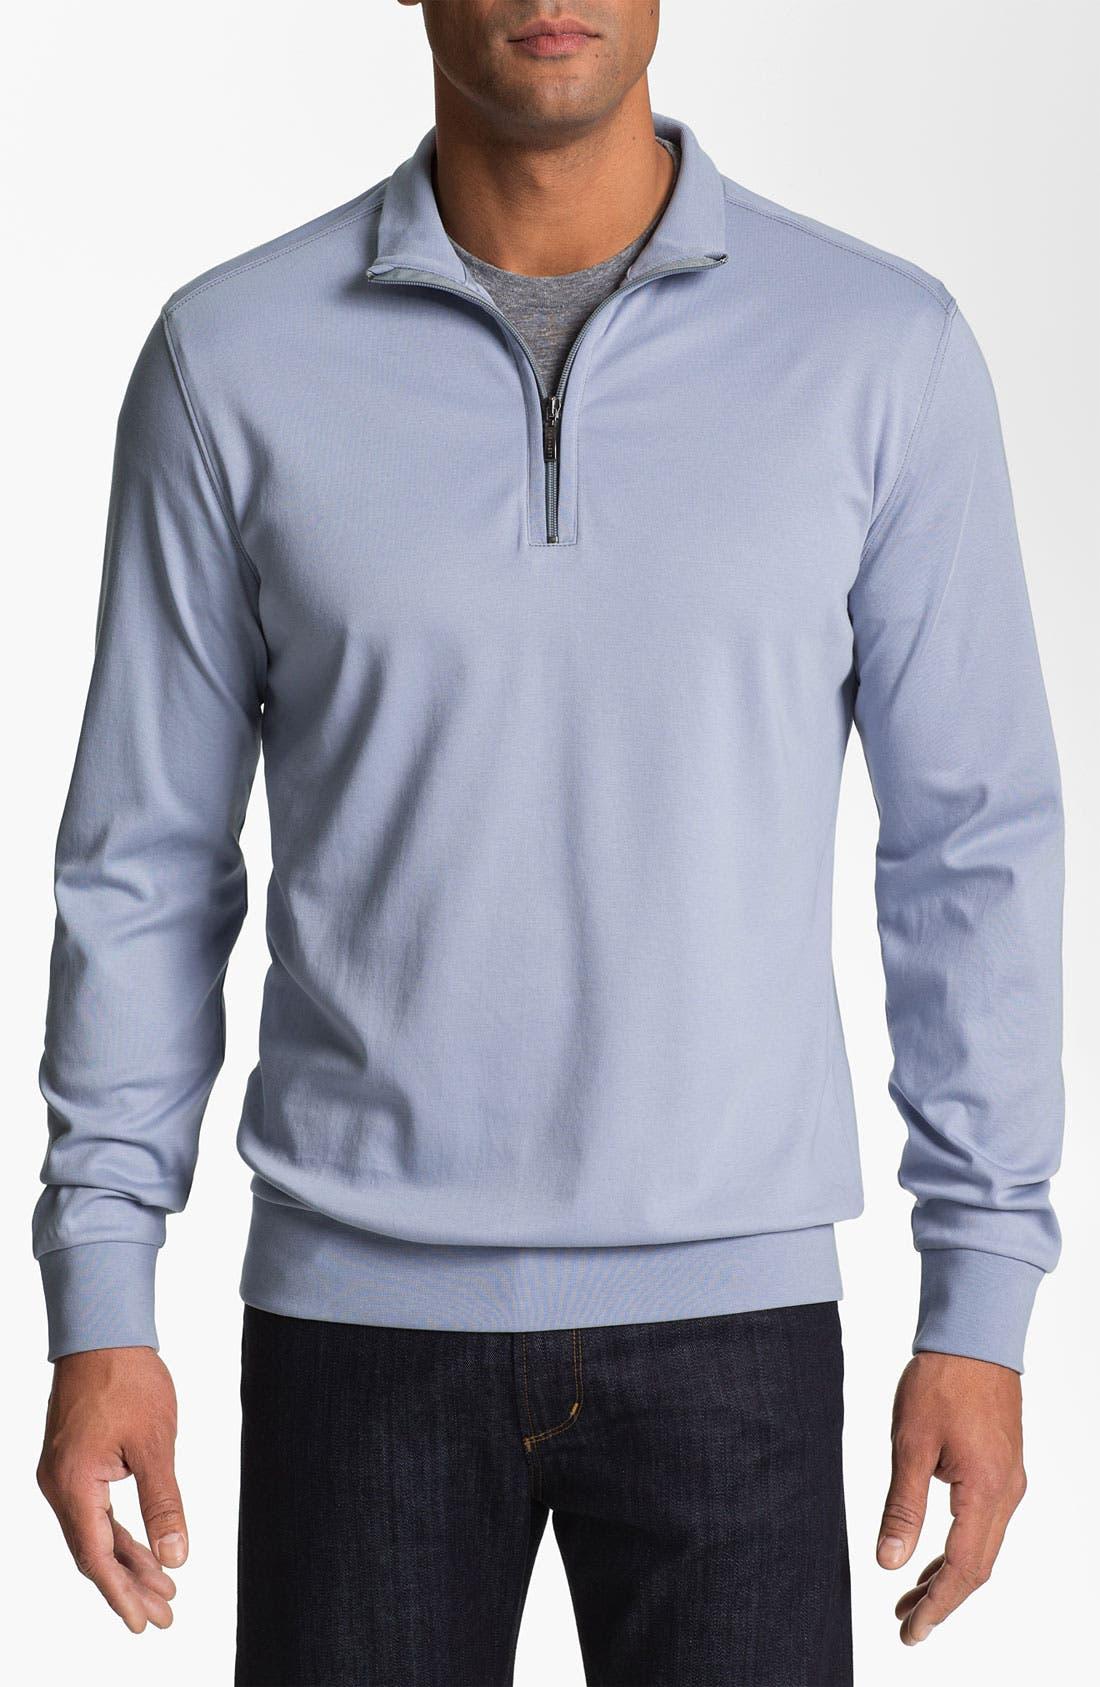 Main Image - Robert Barakett 'Georgia' Half Zip Sweater